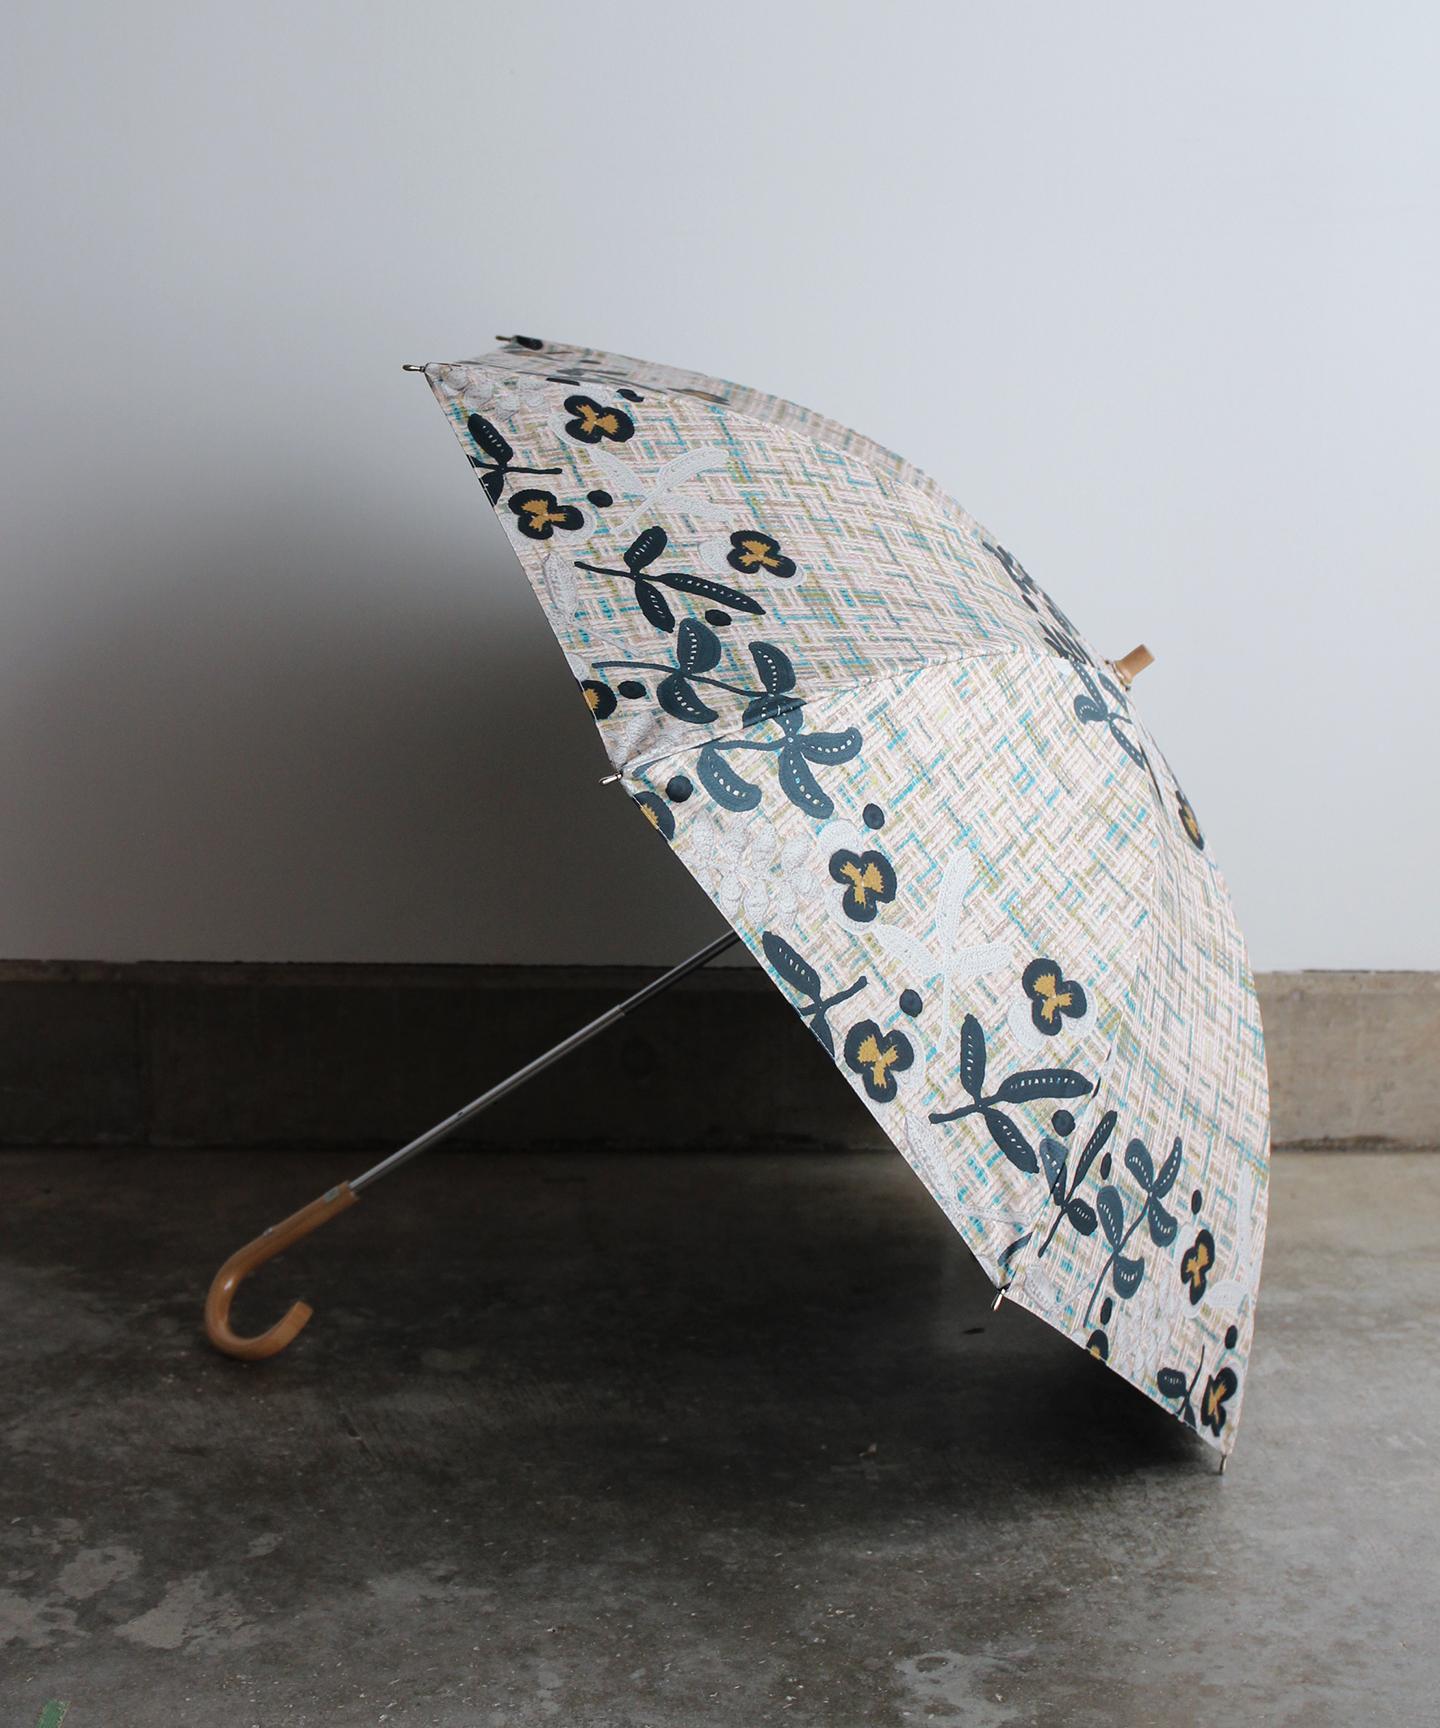 【チェック柄ニットモチーフプリント】晴雨兼用日傘 (ELS46 ネイビー・グリーン・ベージュ)